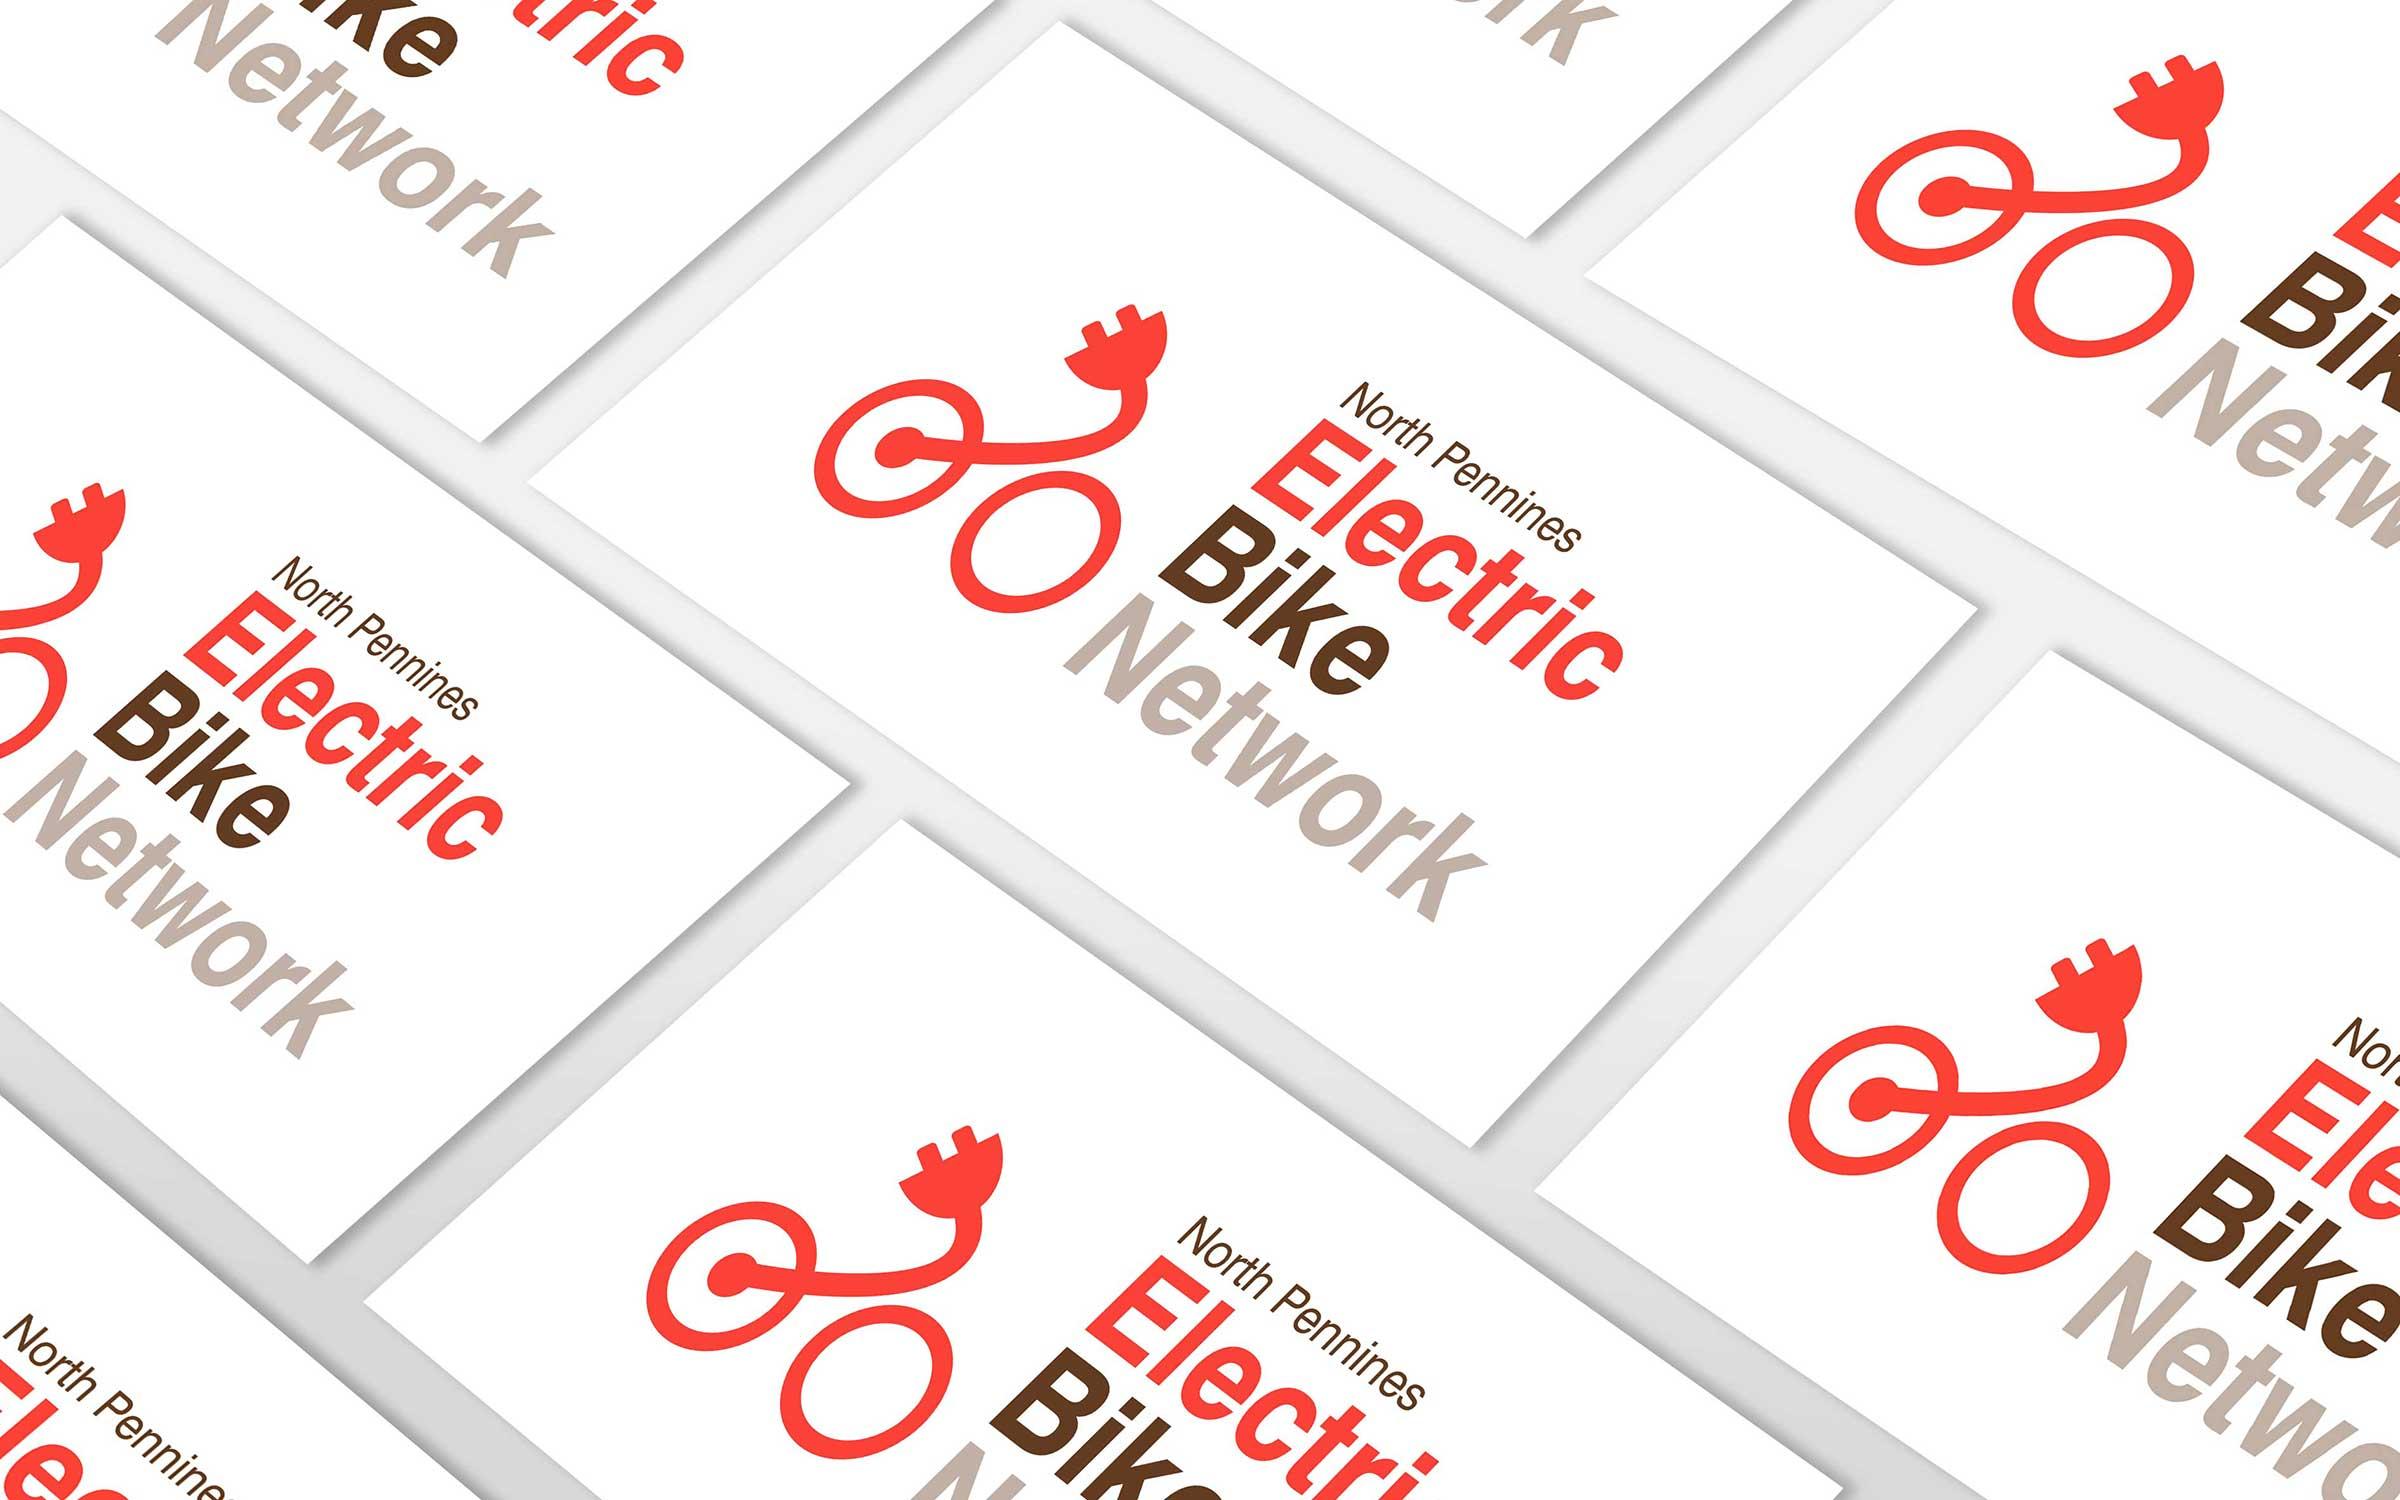 electric bike network